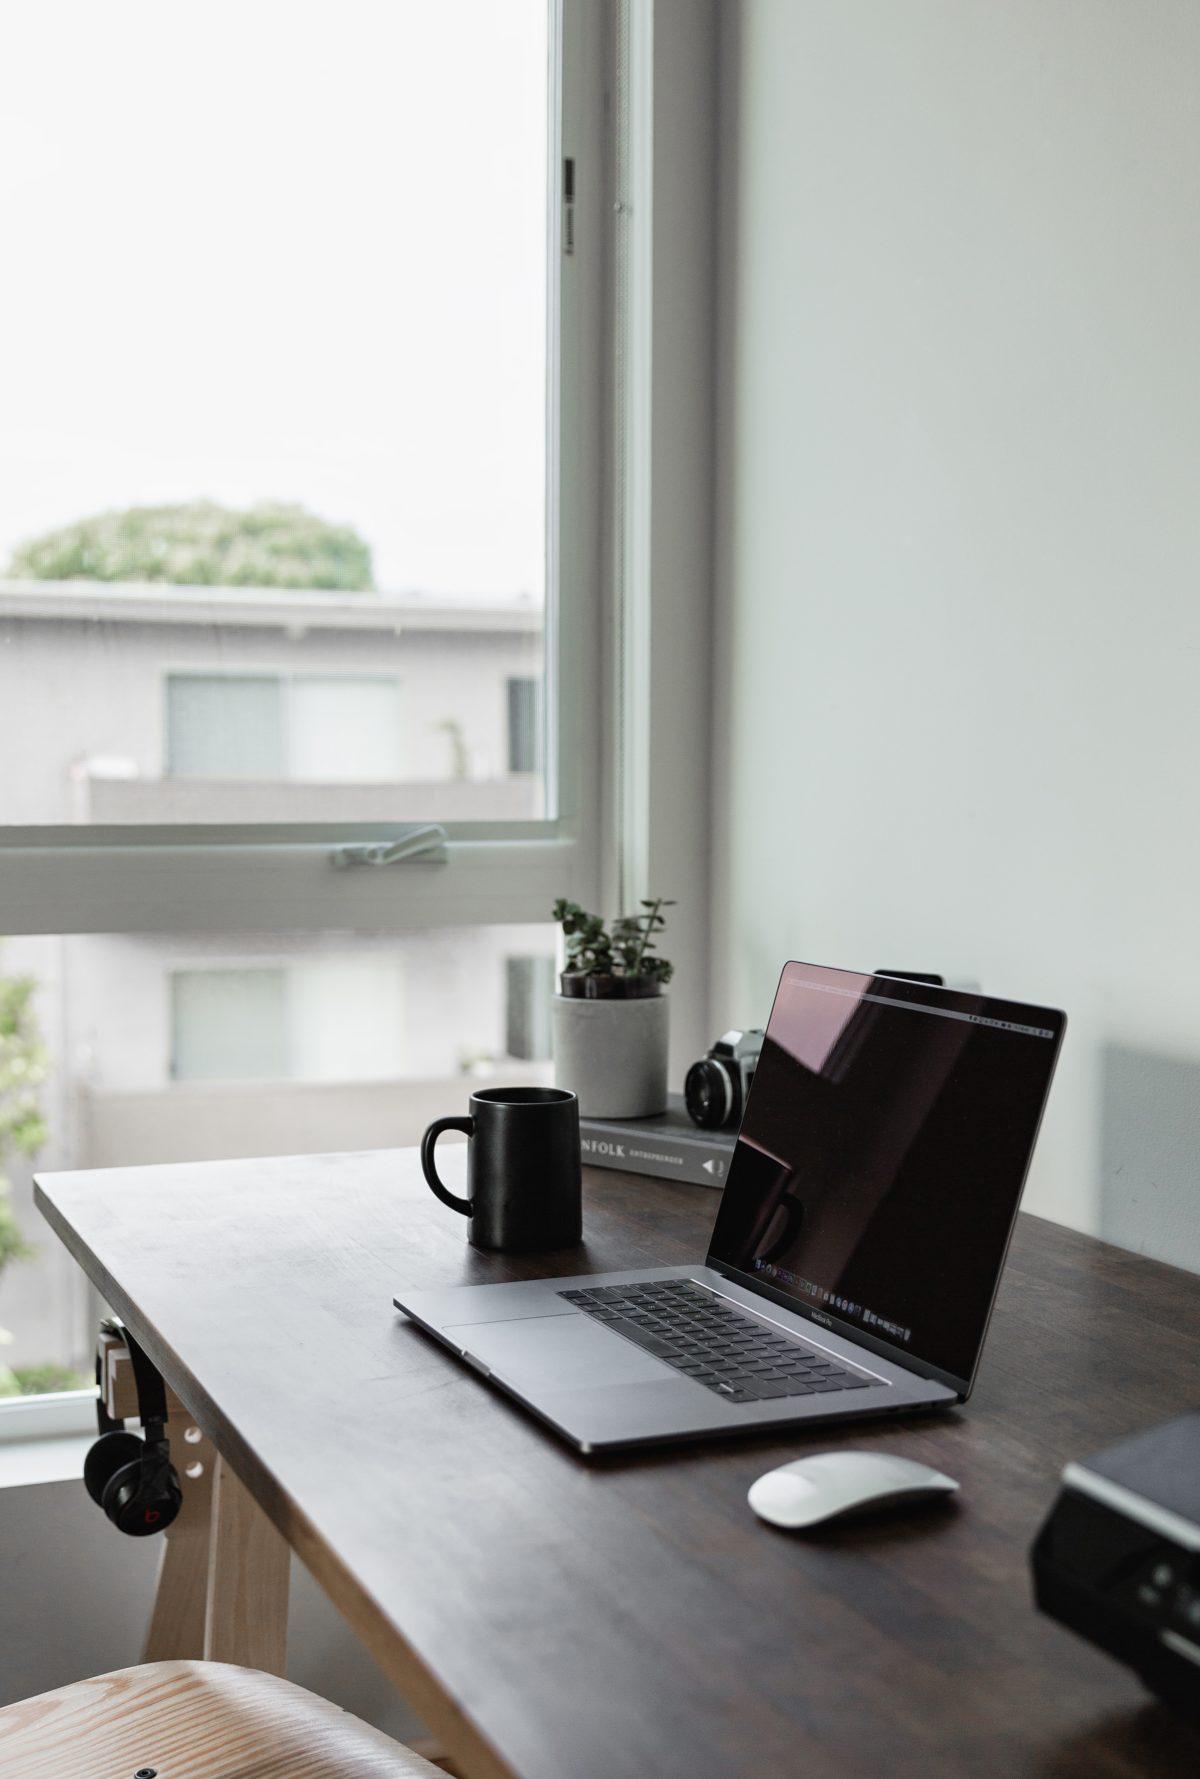 Entspannt und flexible im Home Office arbeiten